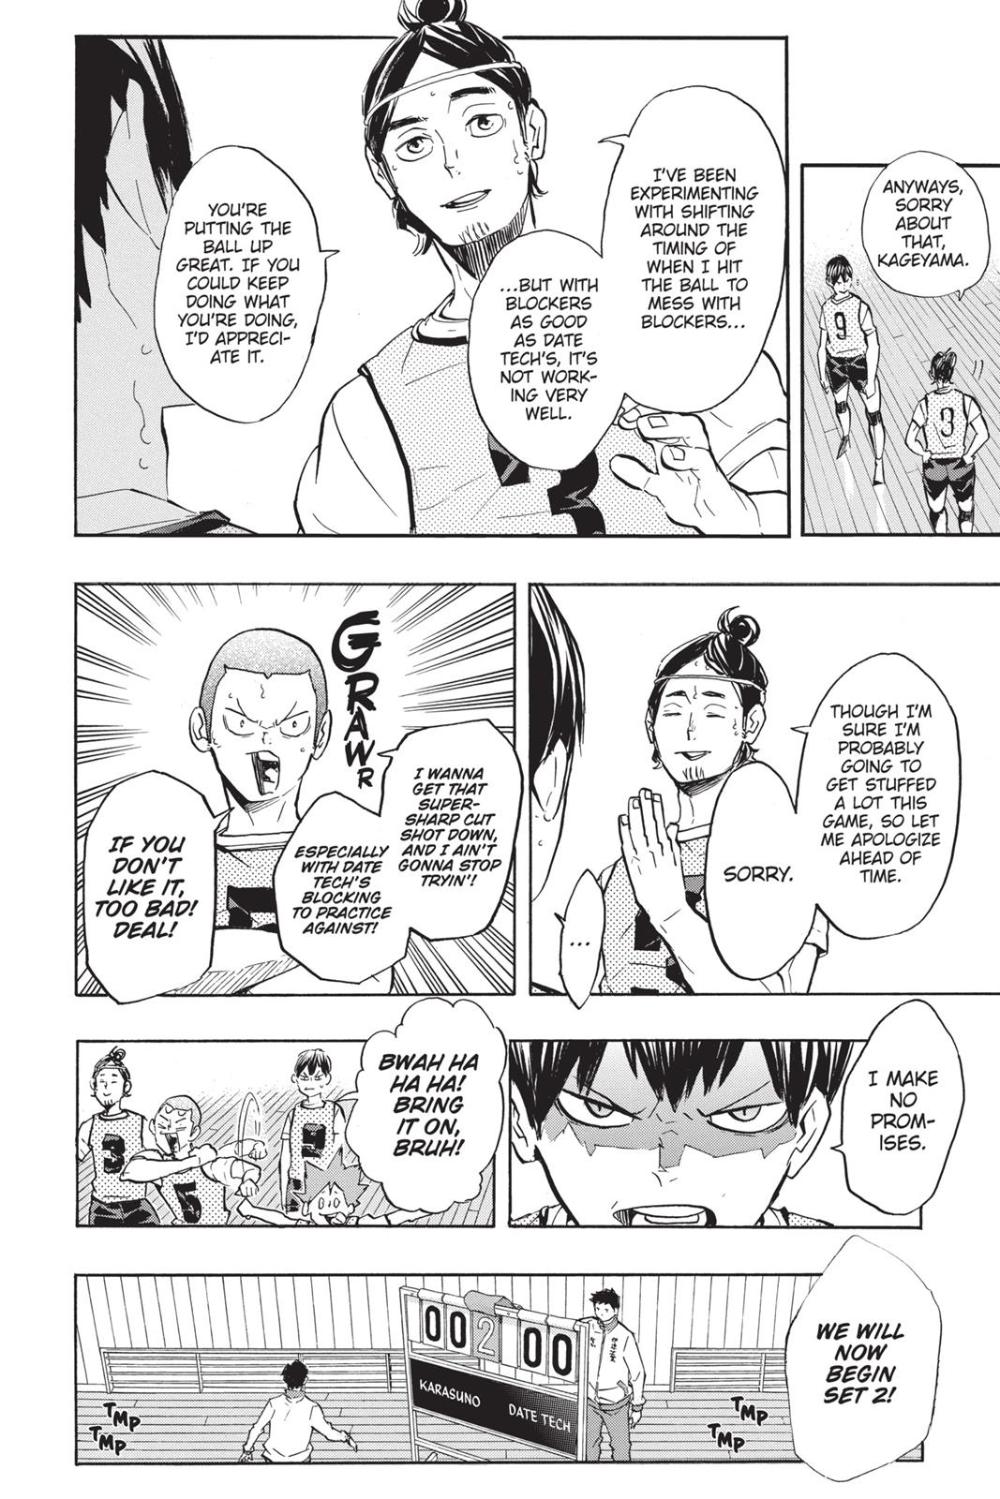 Haikyuu Chapter 224 Read Haikyuu!! Manga Online Manga